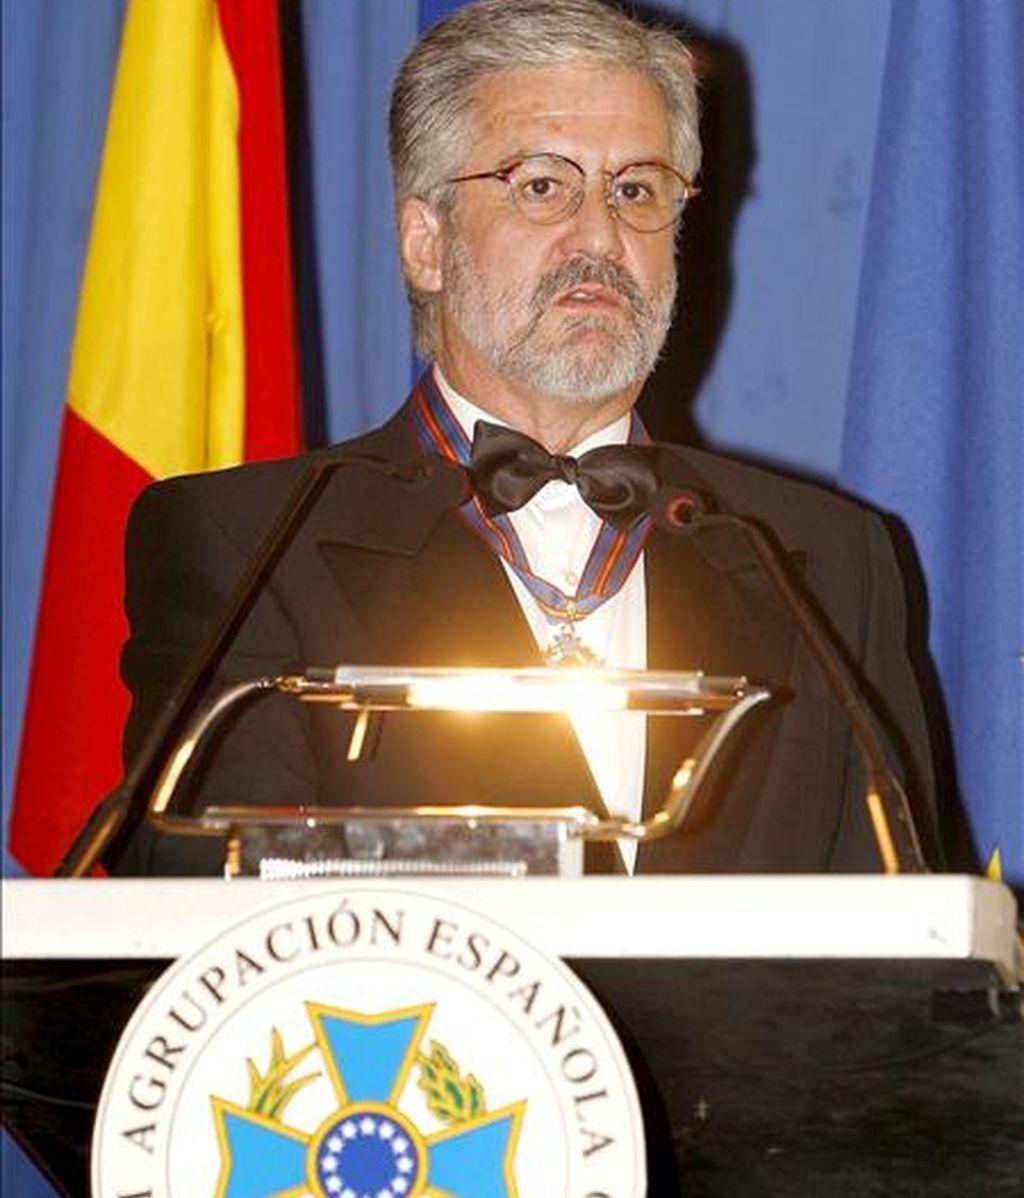 El presidente de la Fundación Iberdrola y ex presidente del Congreso de los Diputados, Manuel Marín. EFE/Archivo